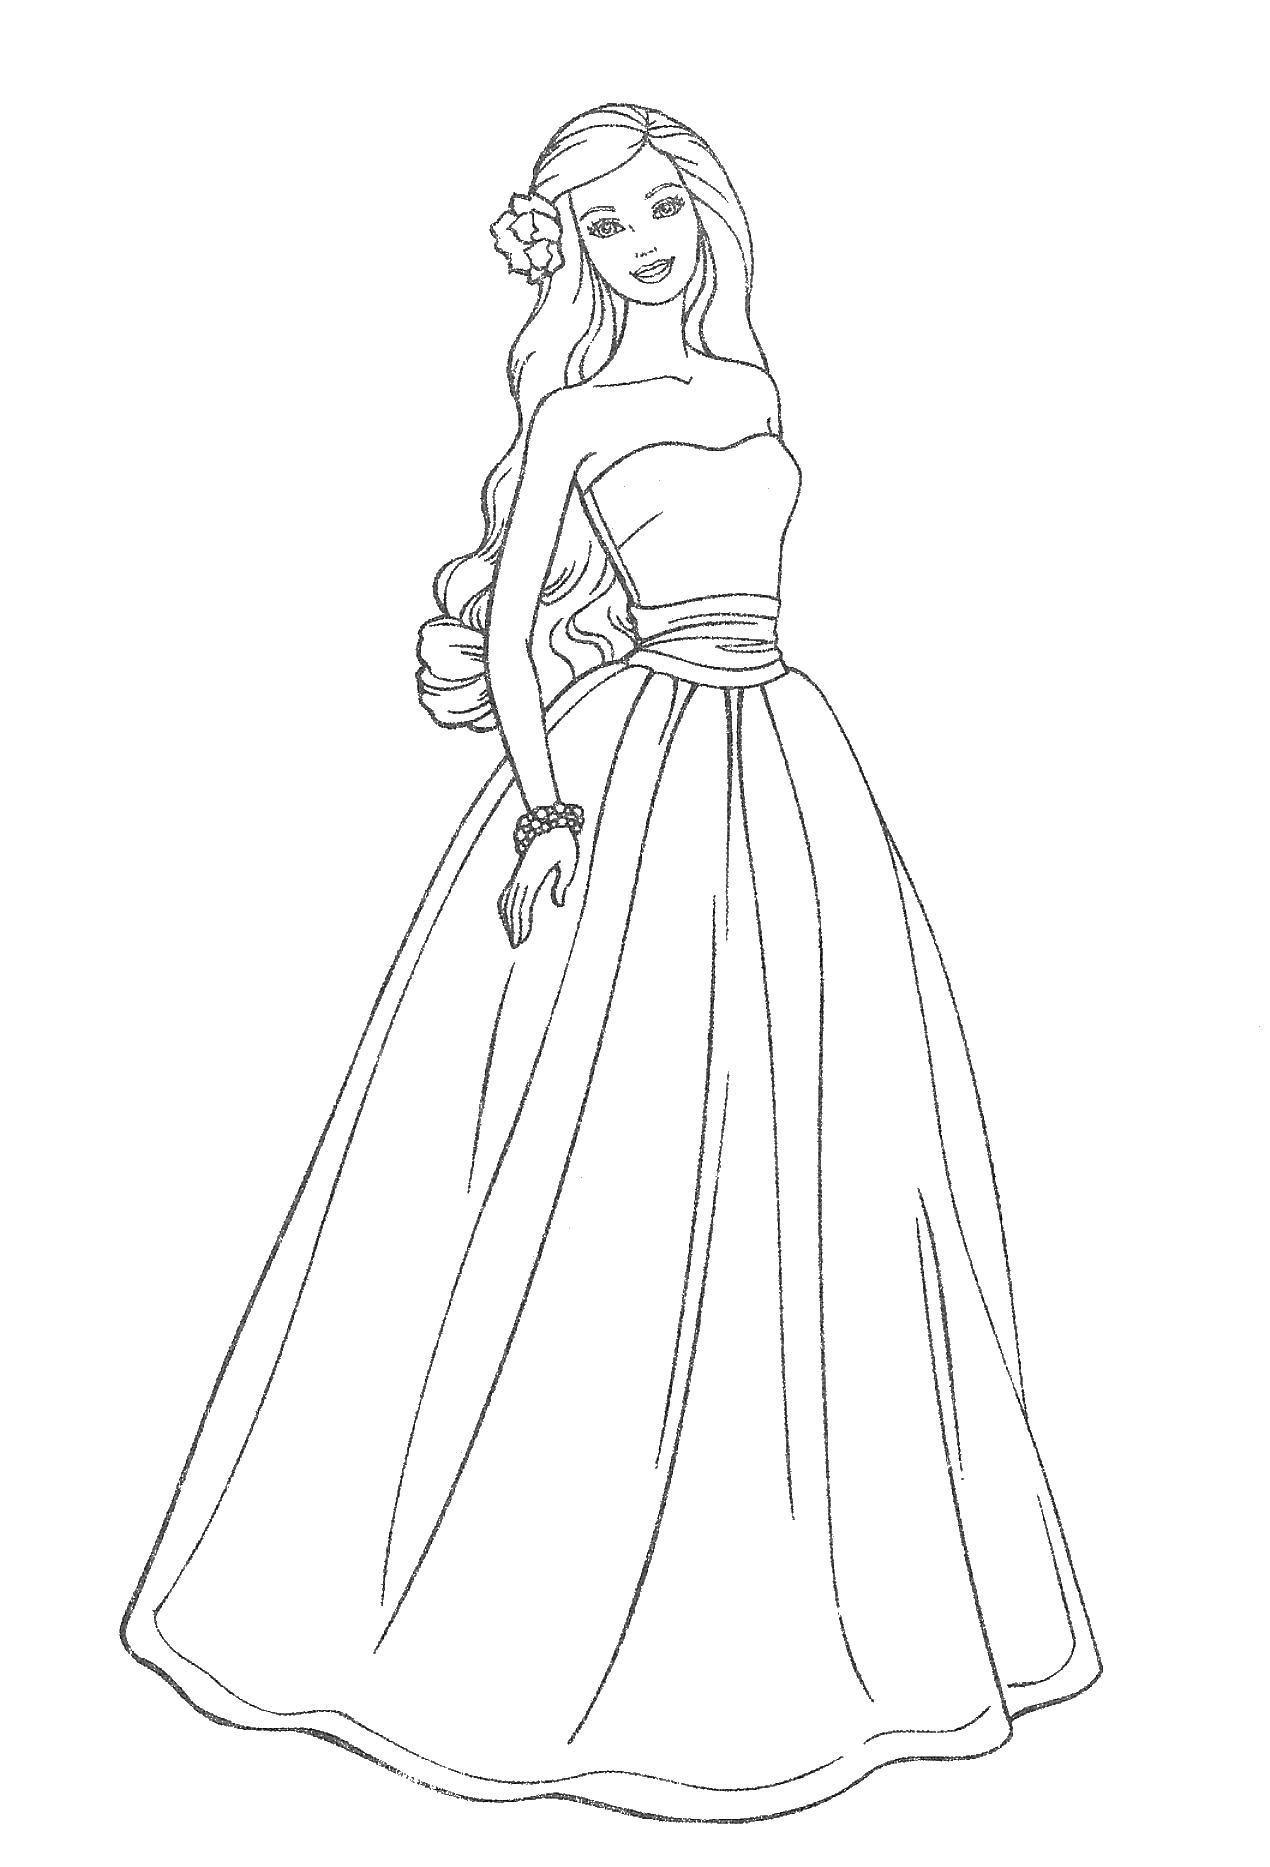 барби принцесса и поп звезда платье цветок волосы раскраска